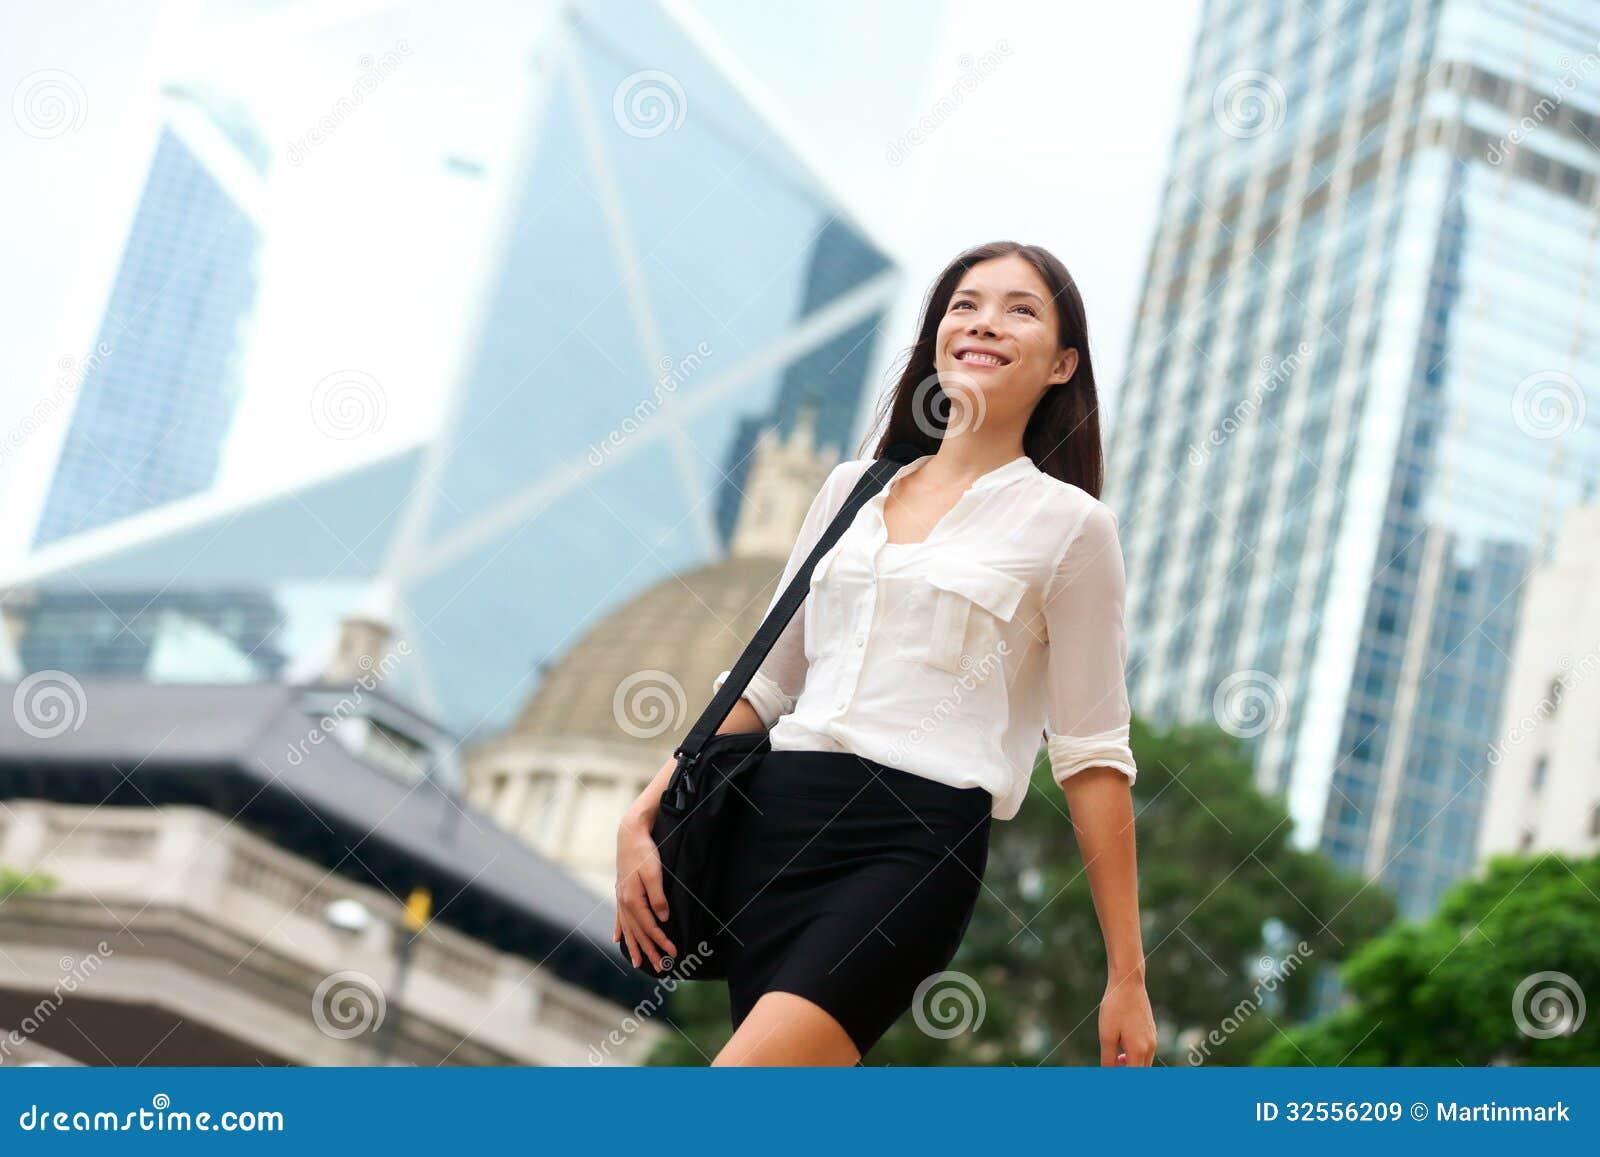 femme asiatique d 39 affaires marchant dehors en hong kong images libres de droits image 32556209. Black Bedroom Furniture Sets. Home Design Ideas